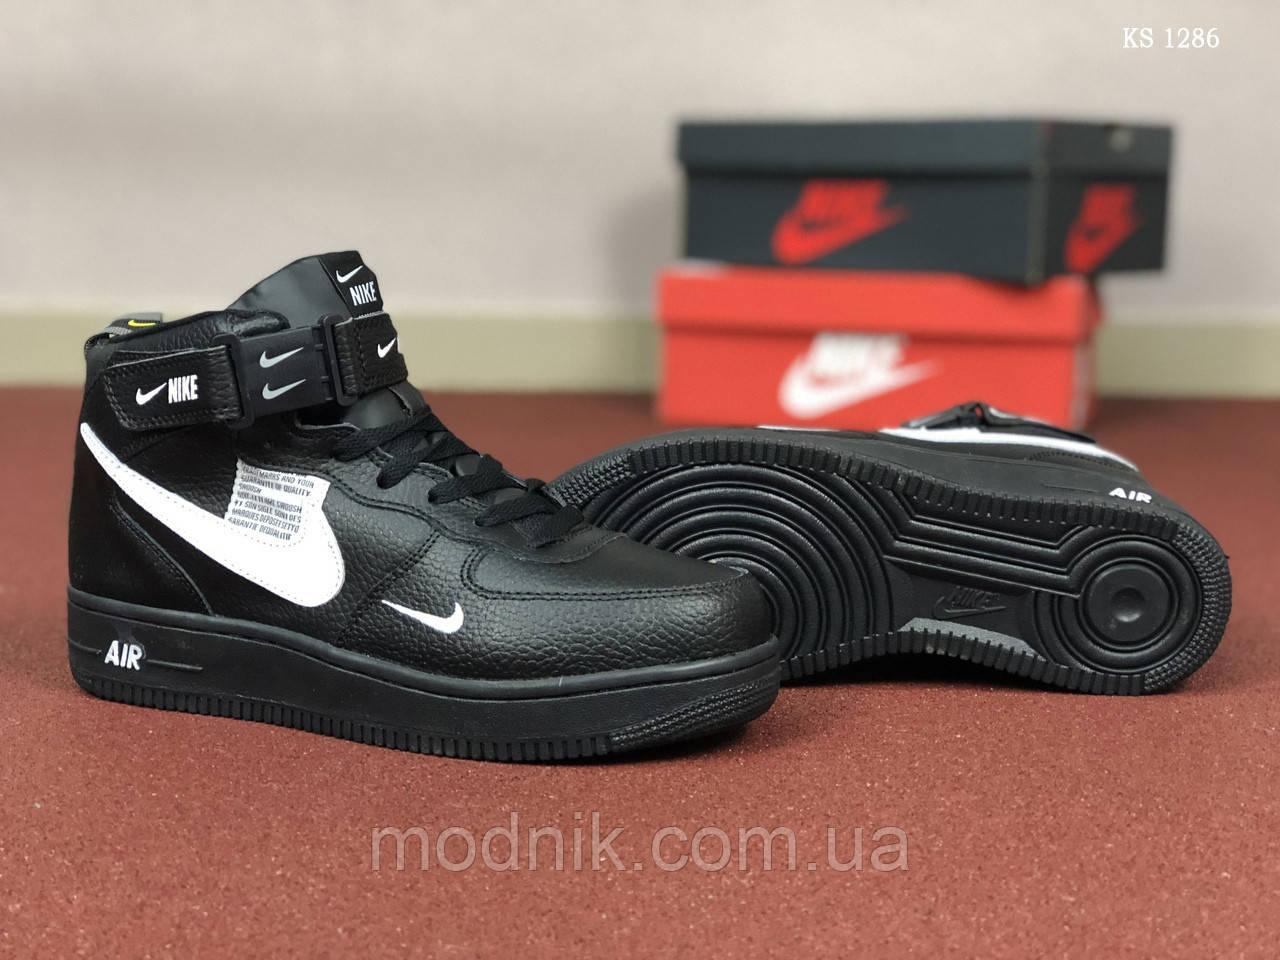 Мужские кроссовки Nike Air Force (черные) ЗИМА